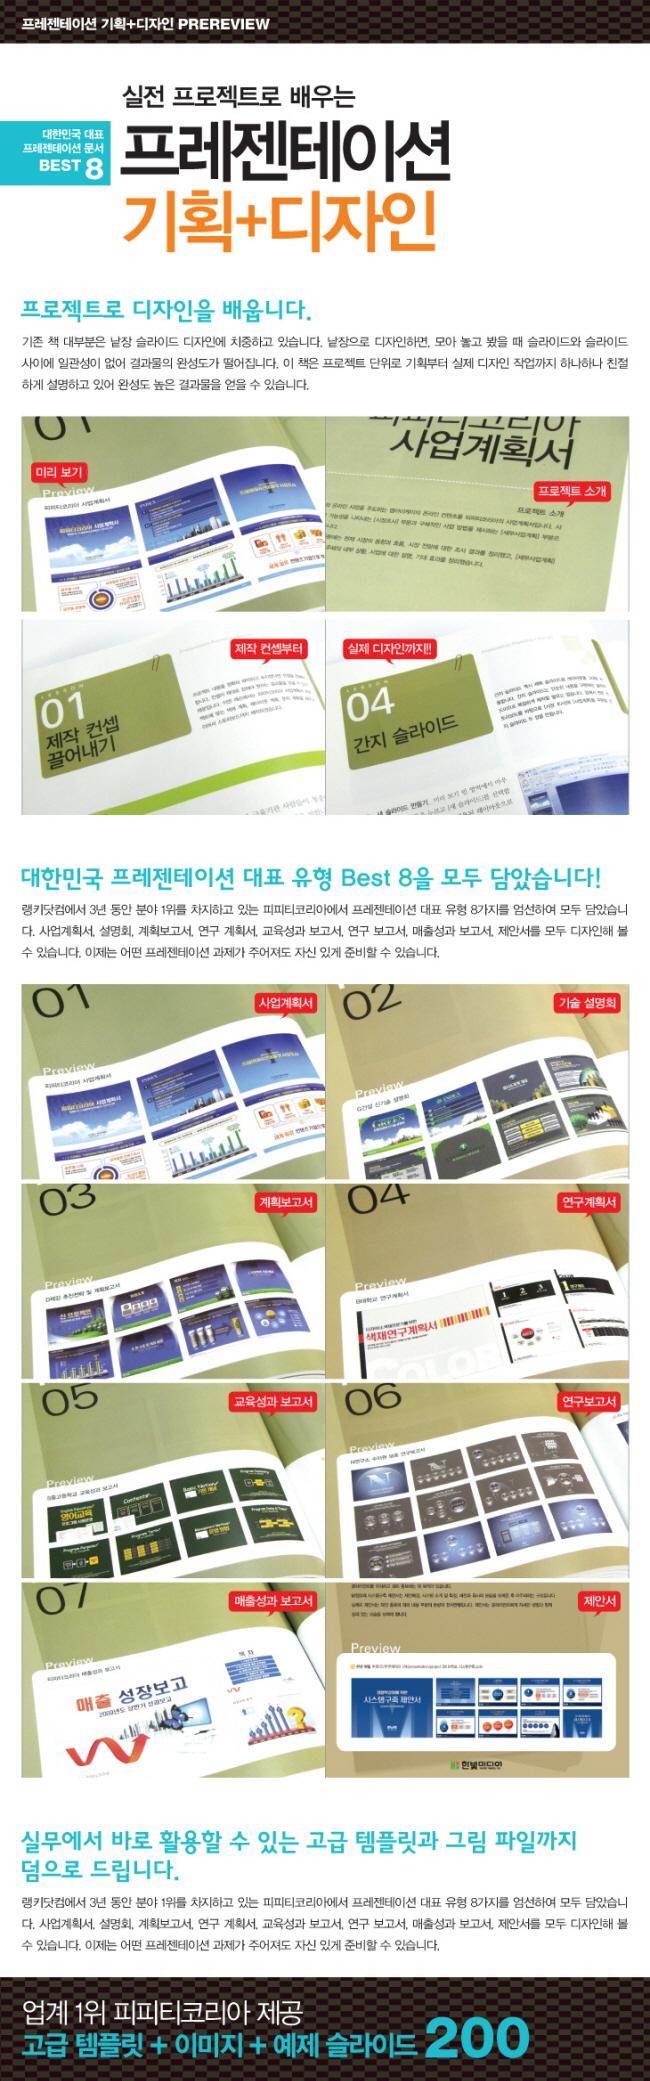 프레젠테이션 기획 디자인(실전 프로젝트로 배우는)(CD1장포함) 도서 상세이미지